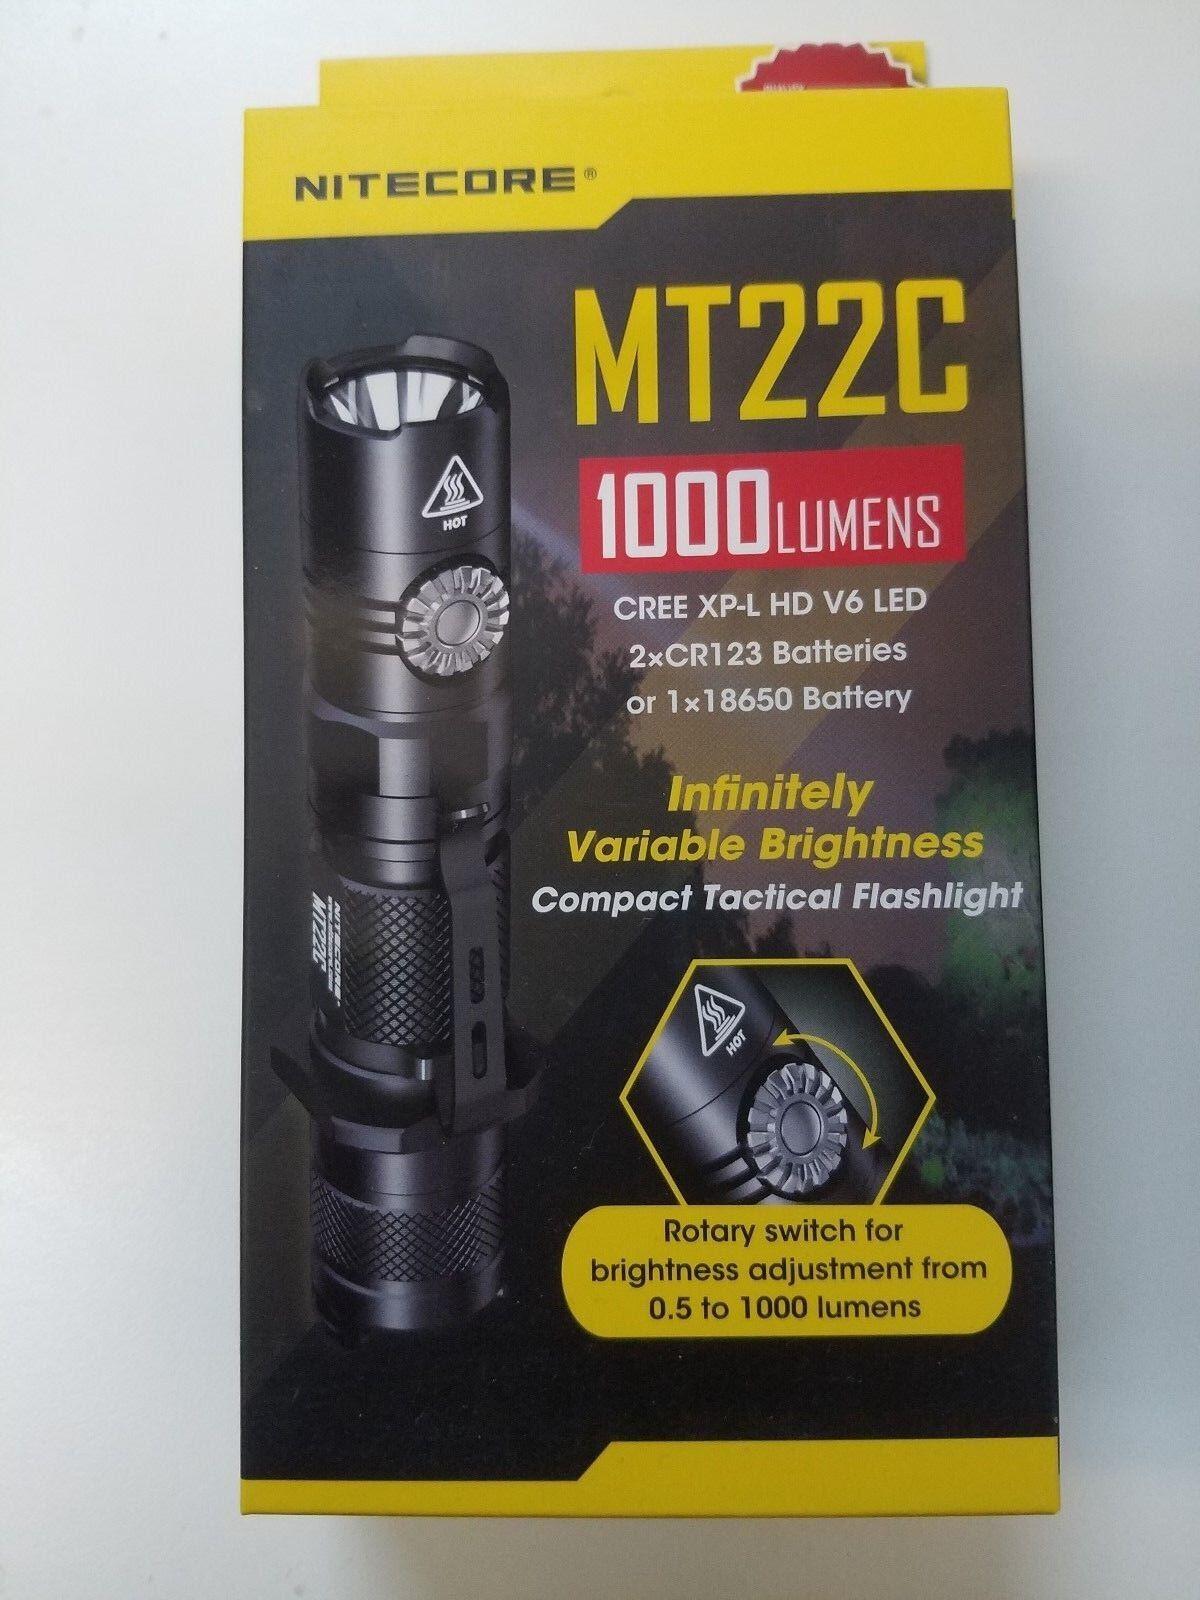 Nitecore MT22C CREE XP-L HD V6 LED Compact Flashlight